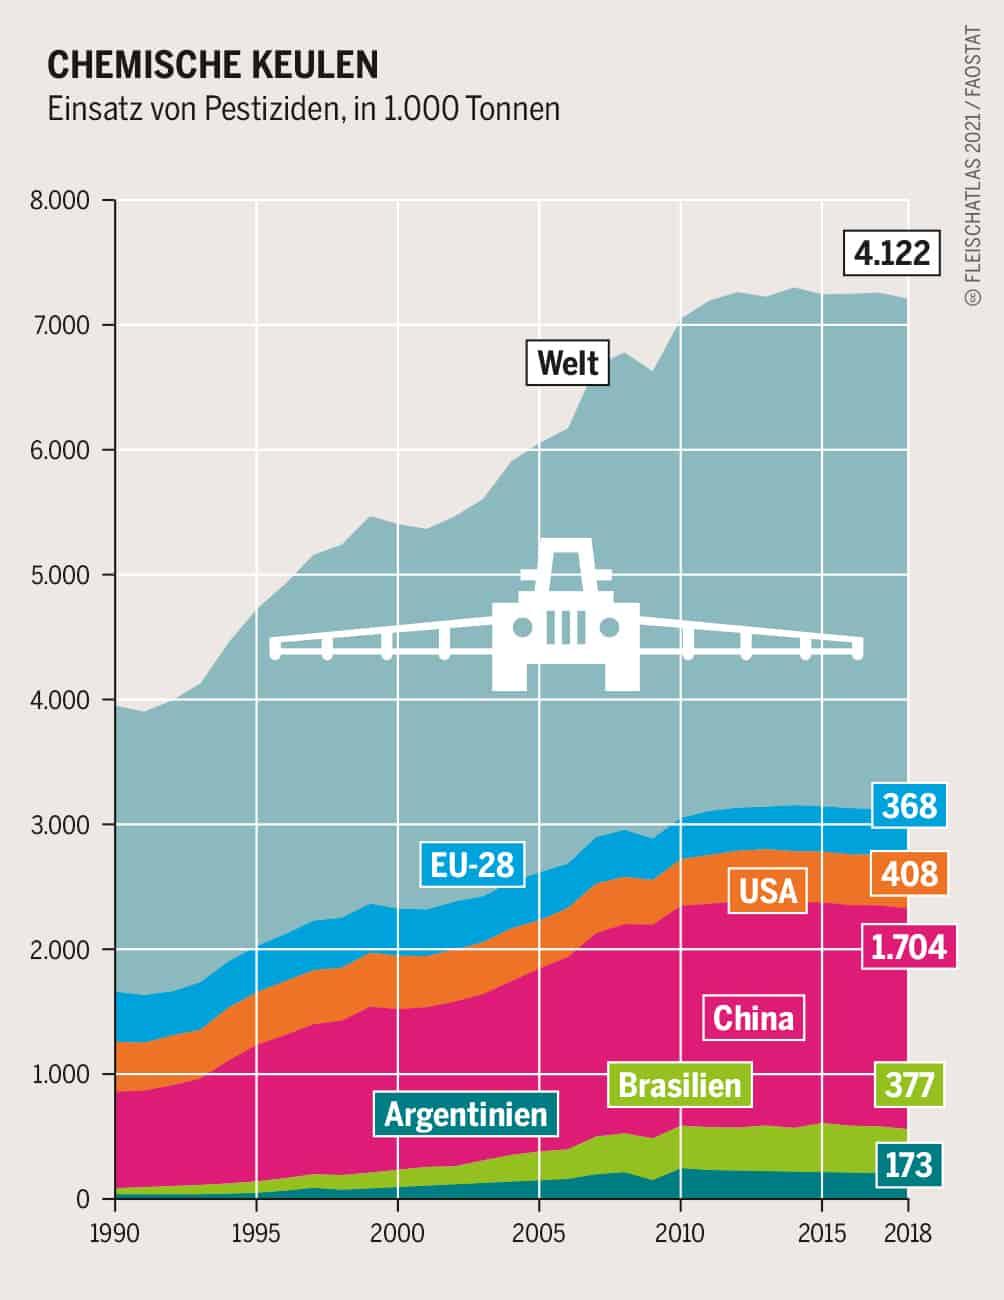 Chemische Keulen Einsatz von Pestiziden, in 1.000 Tonnen Grafik: Fleischatlas 2021 | Bartz/Stockmar CC-BY-4.0